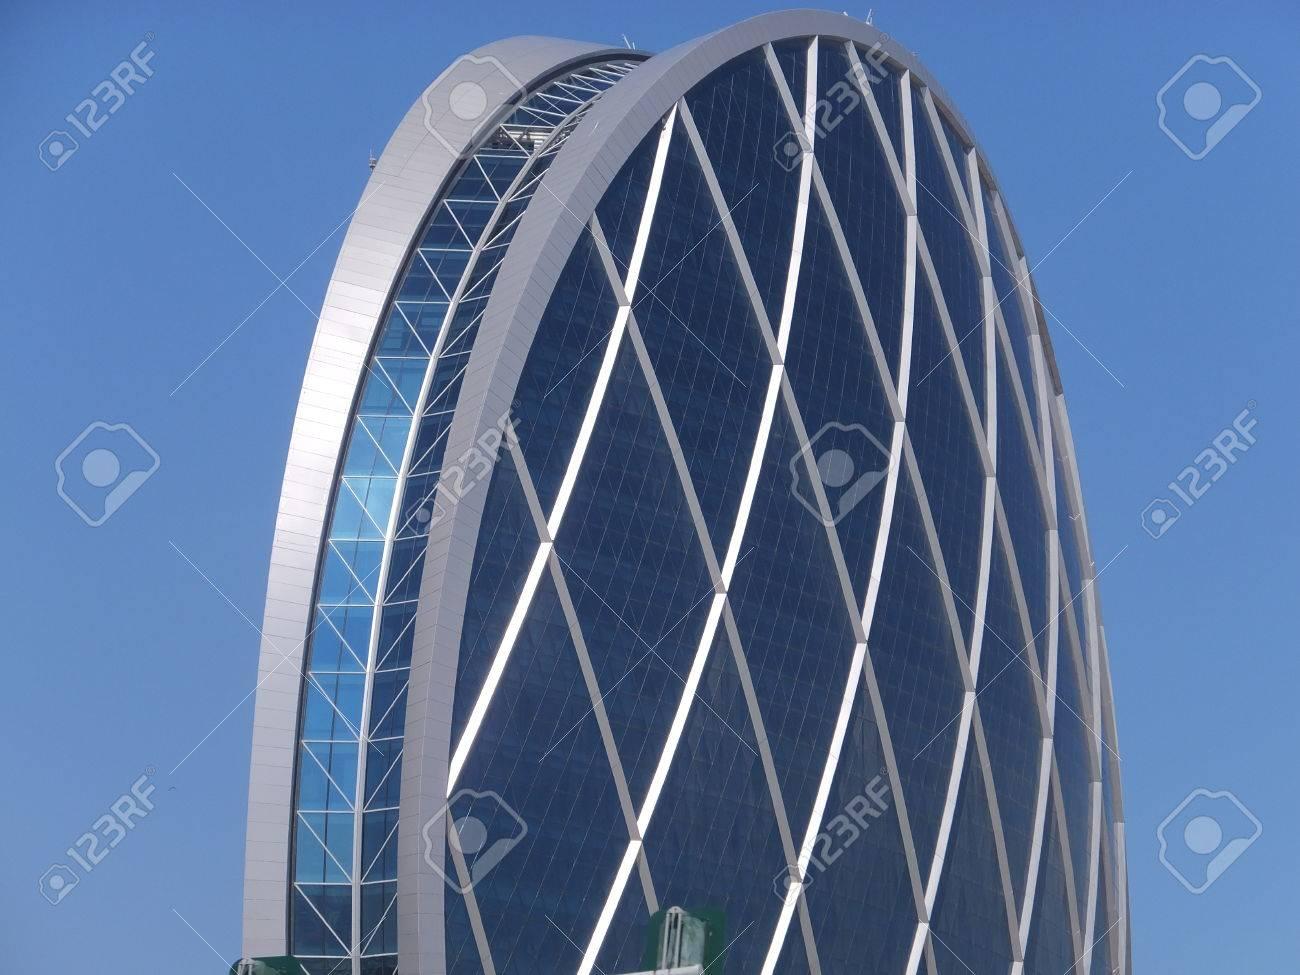 edificio sede de aldar en abu dhabi emiratos rabes unidos foto de archivo